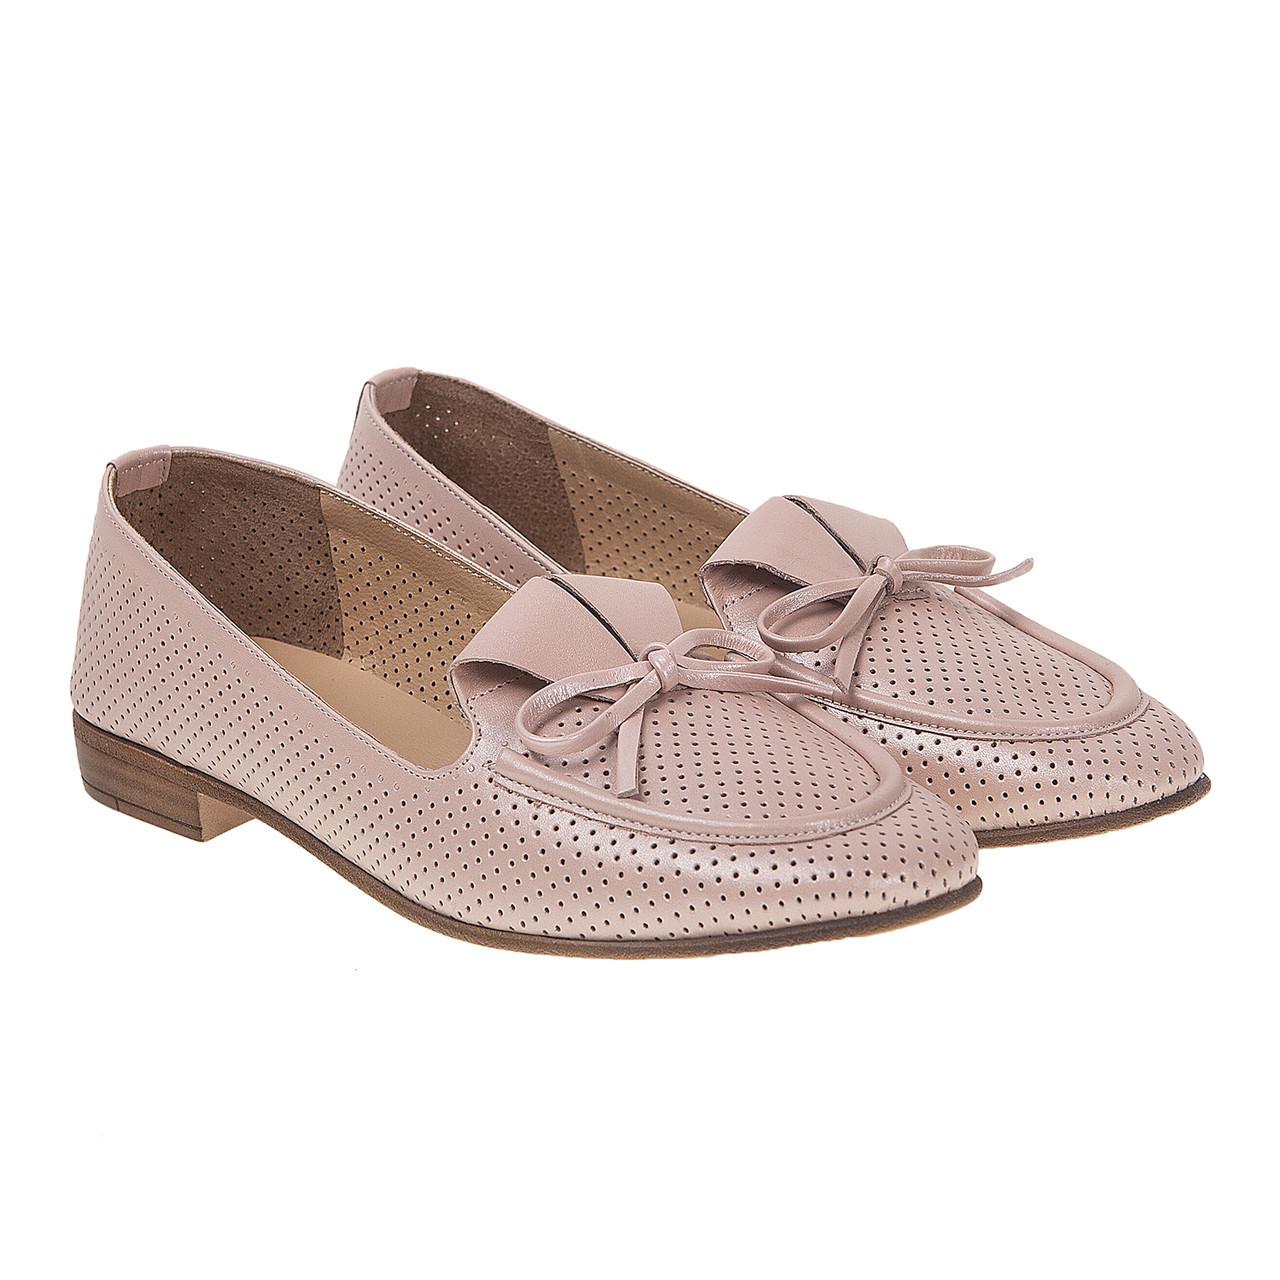 Балетки женские Estоmod (розовые, стильные, модные, легкие) 36 - Интернет-магазин женской и мужской обуви Krok в Киеве